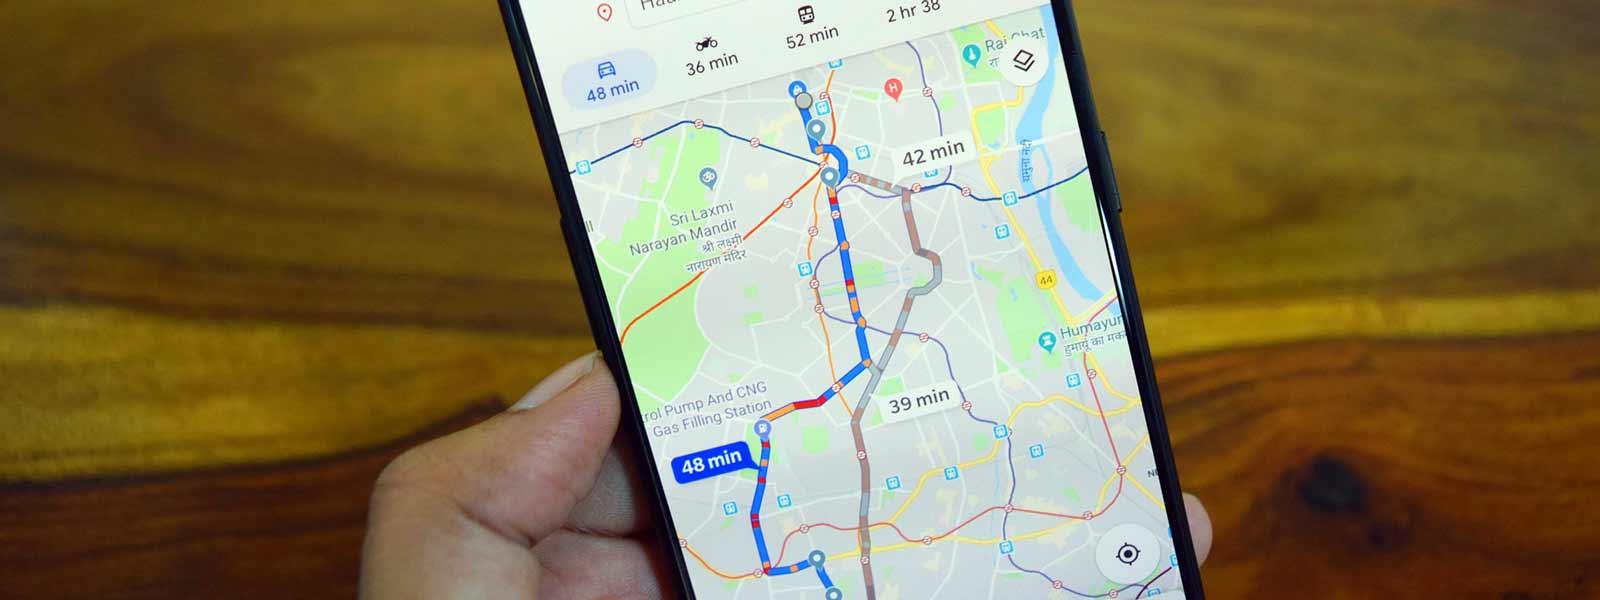 mobiele telefoon met routeplanner op het scherm